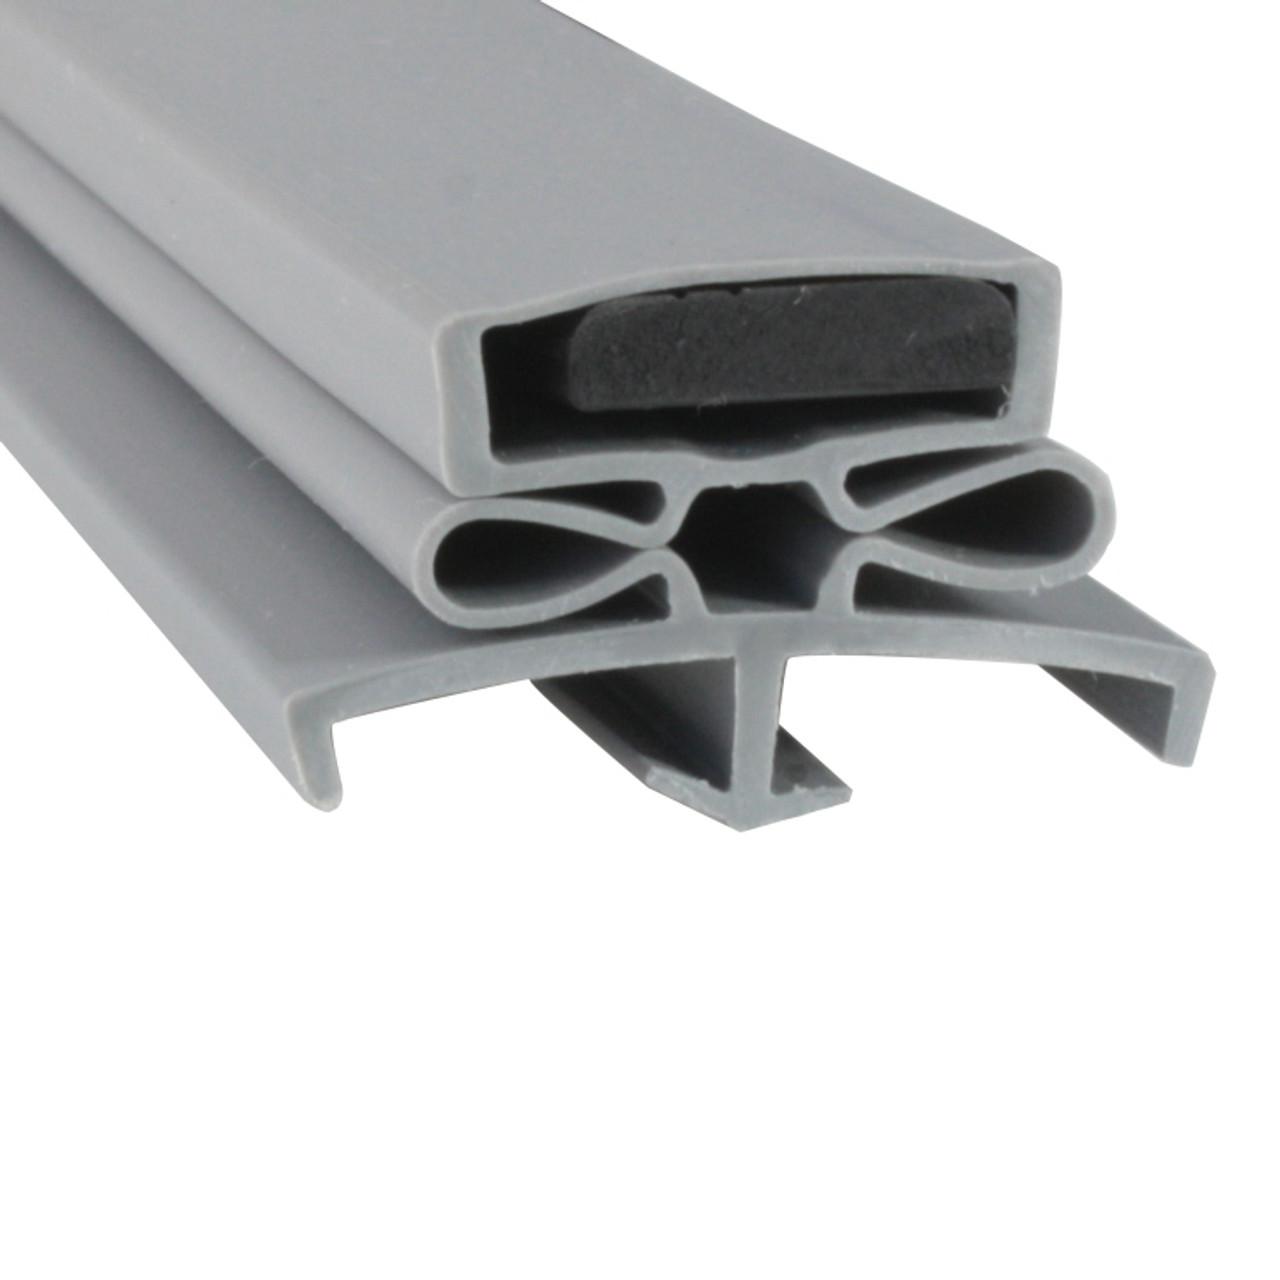 Glenco Door Gasket Profile 166 22 3/4 x 59 3/8 -1